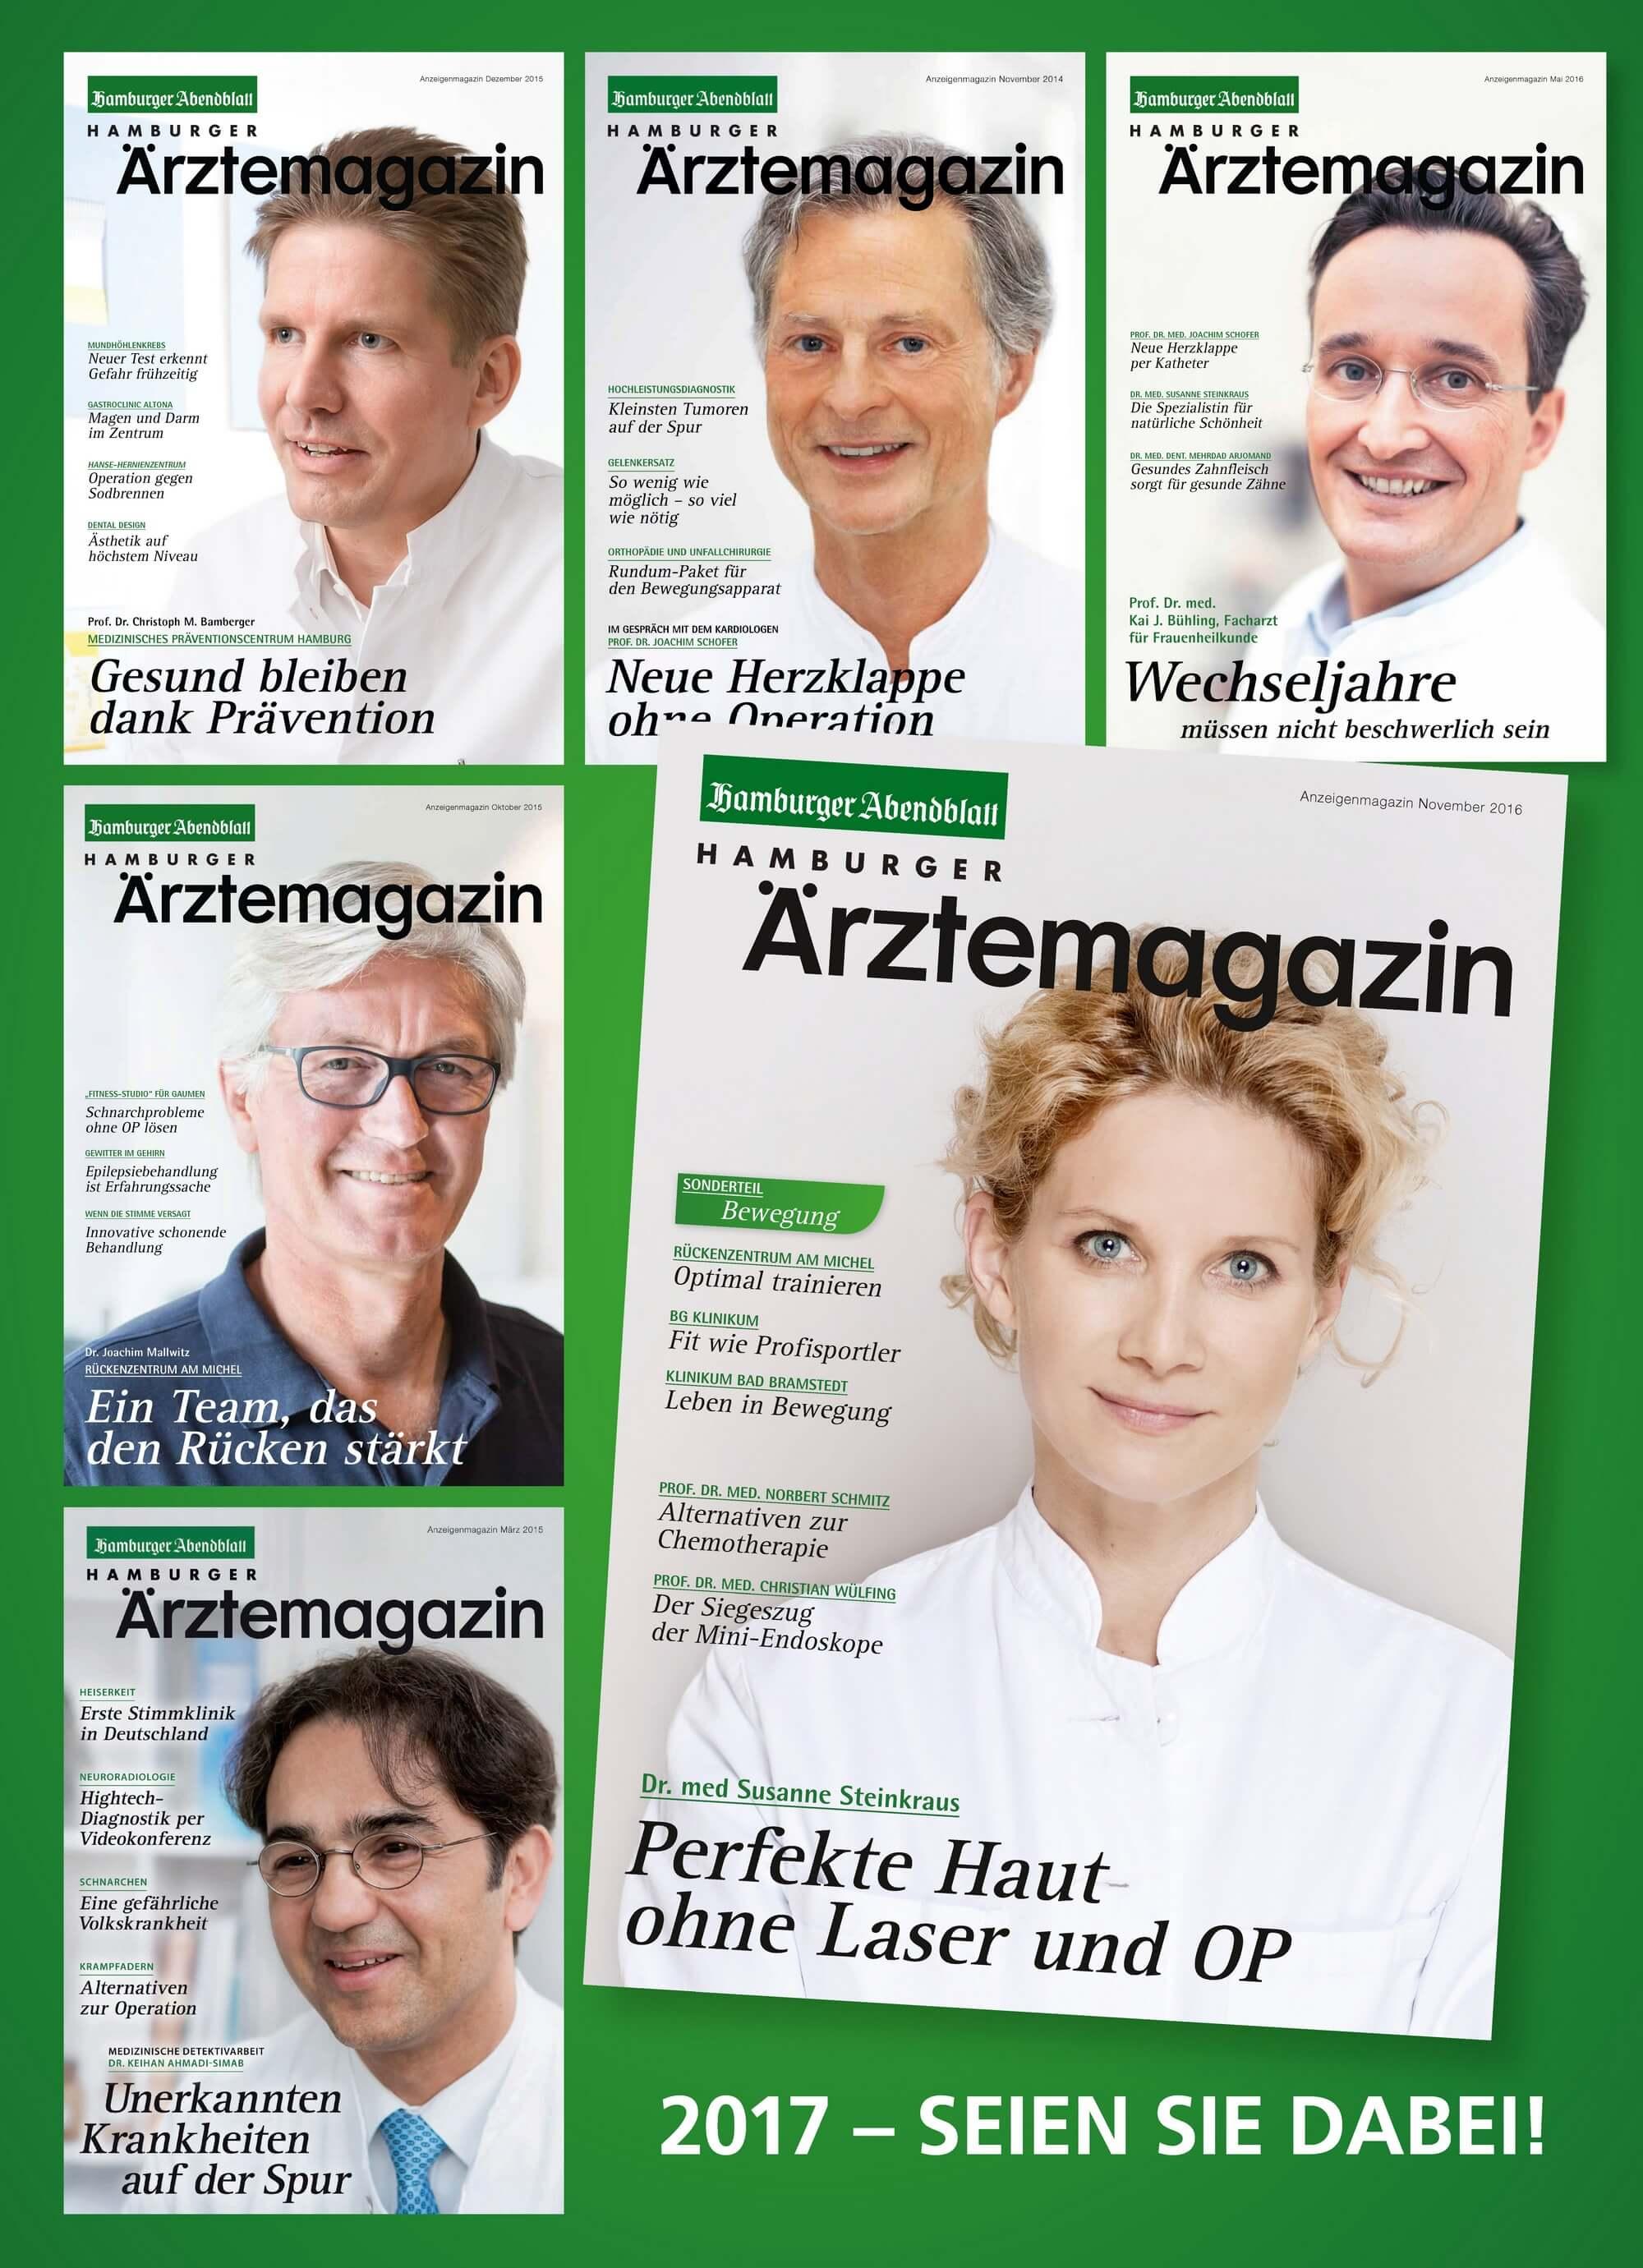 Nächstes Hamburger Ärztemagazin erscheint am 31.05.2017